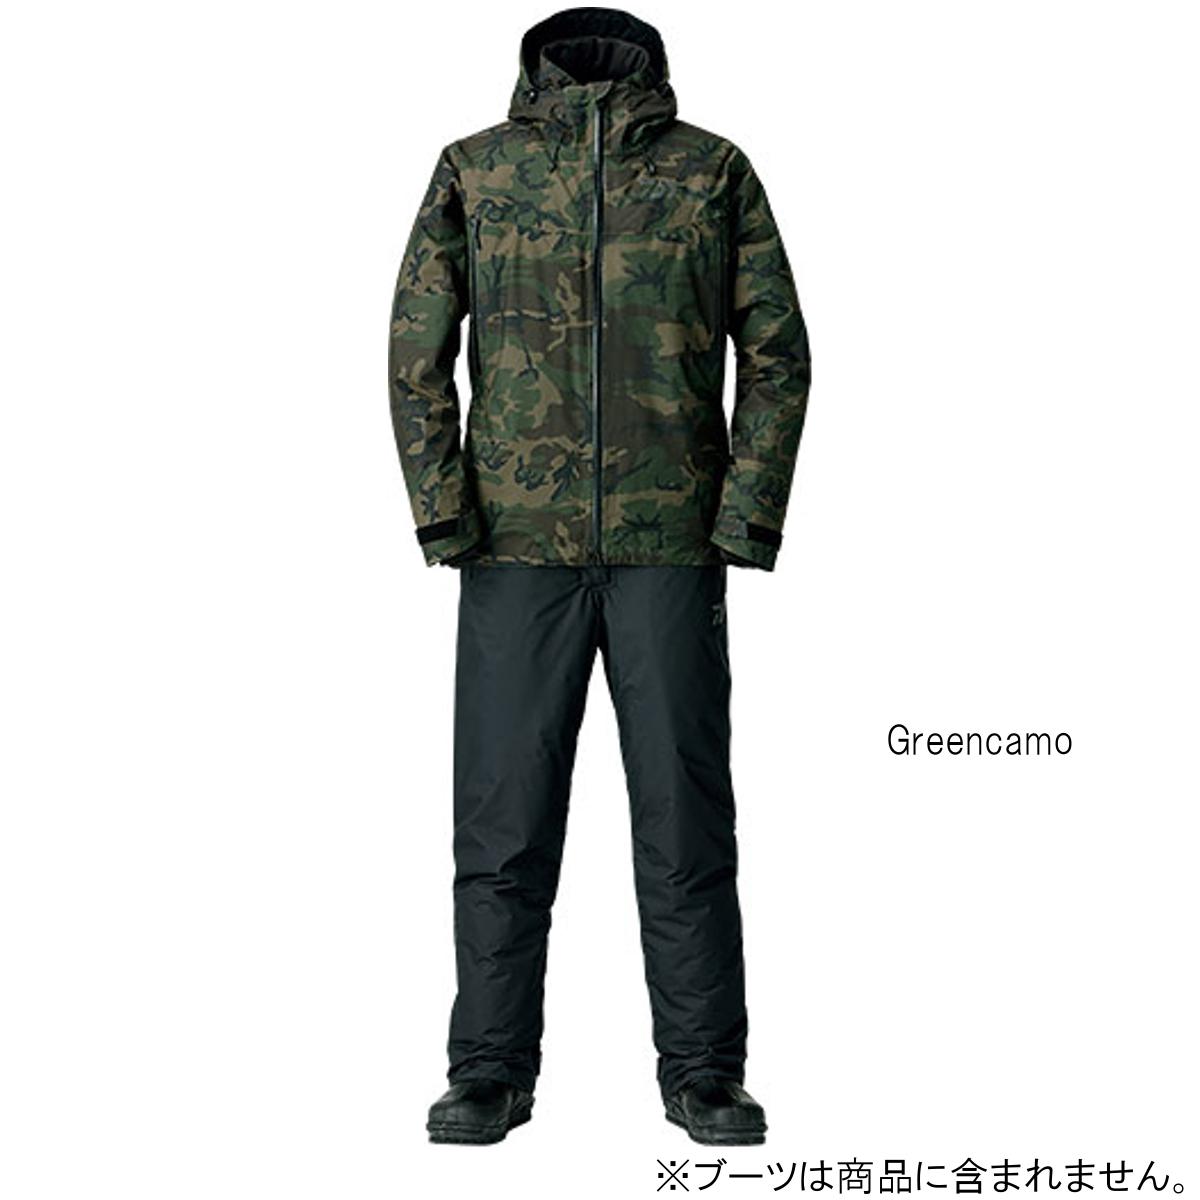 ダイワ レインマックス ウィンタースーツ DW-3108 M Greencamo(東日本店)